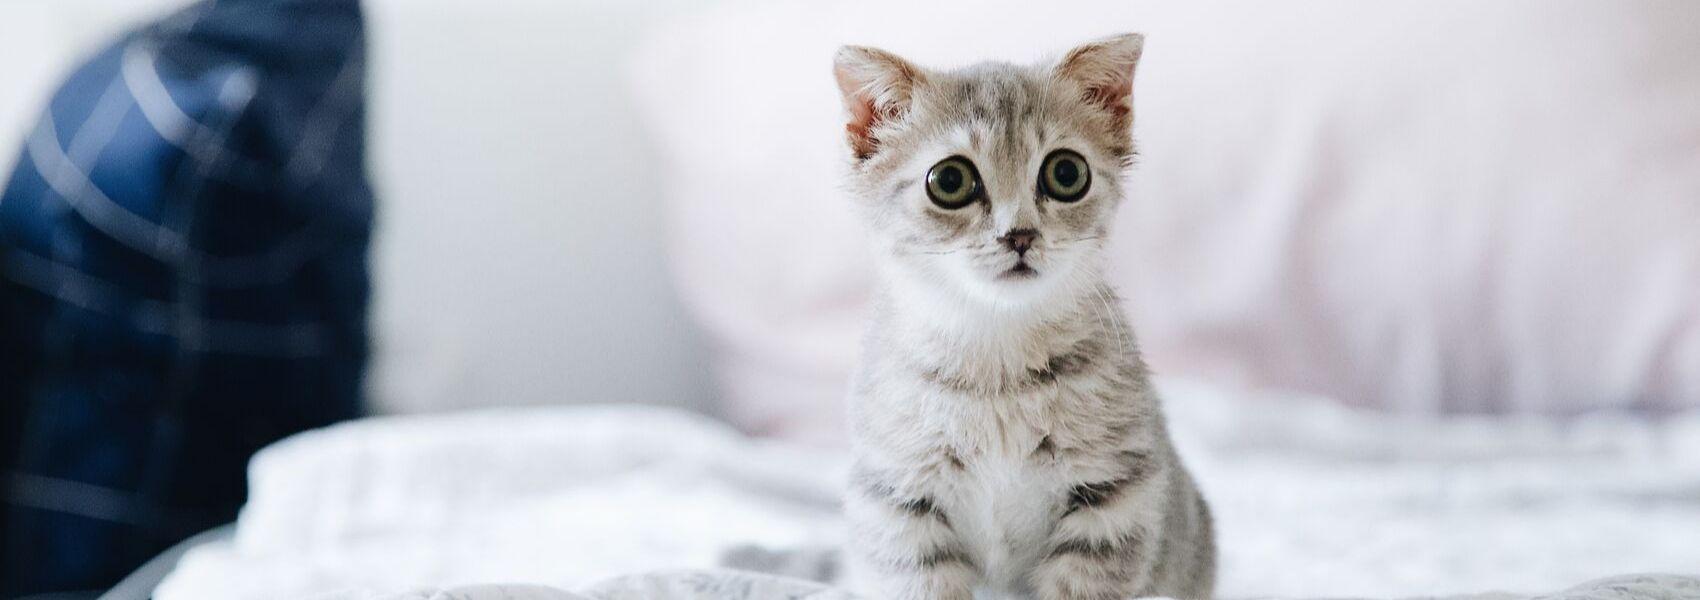 Afinal, os gatos também sentem afeto pelos donos